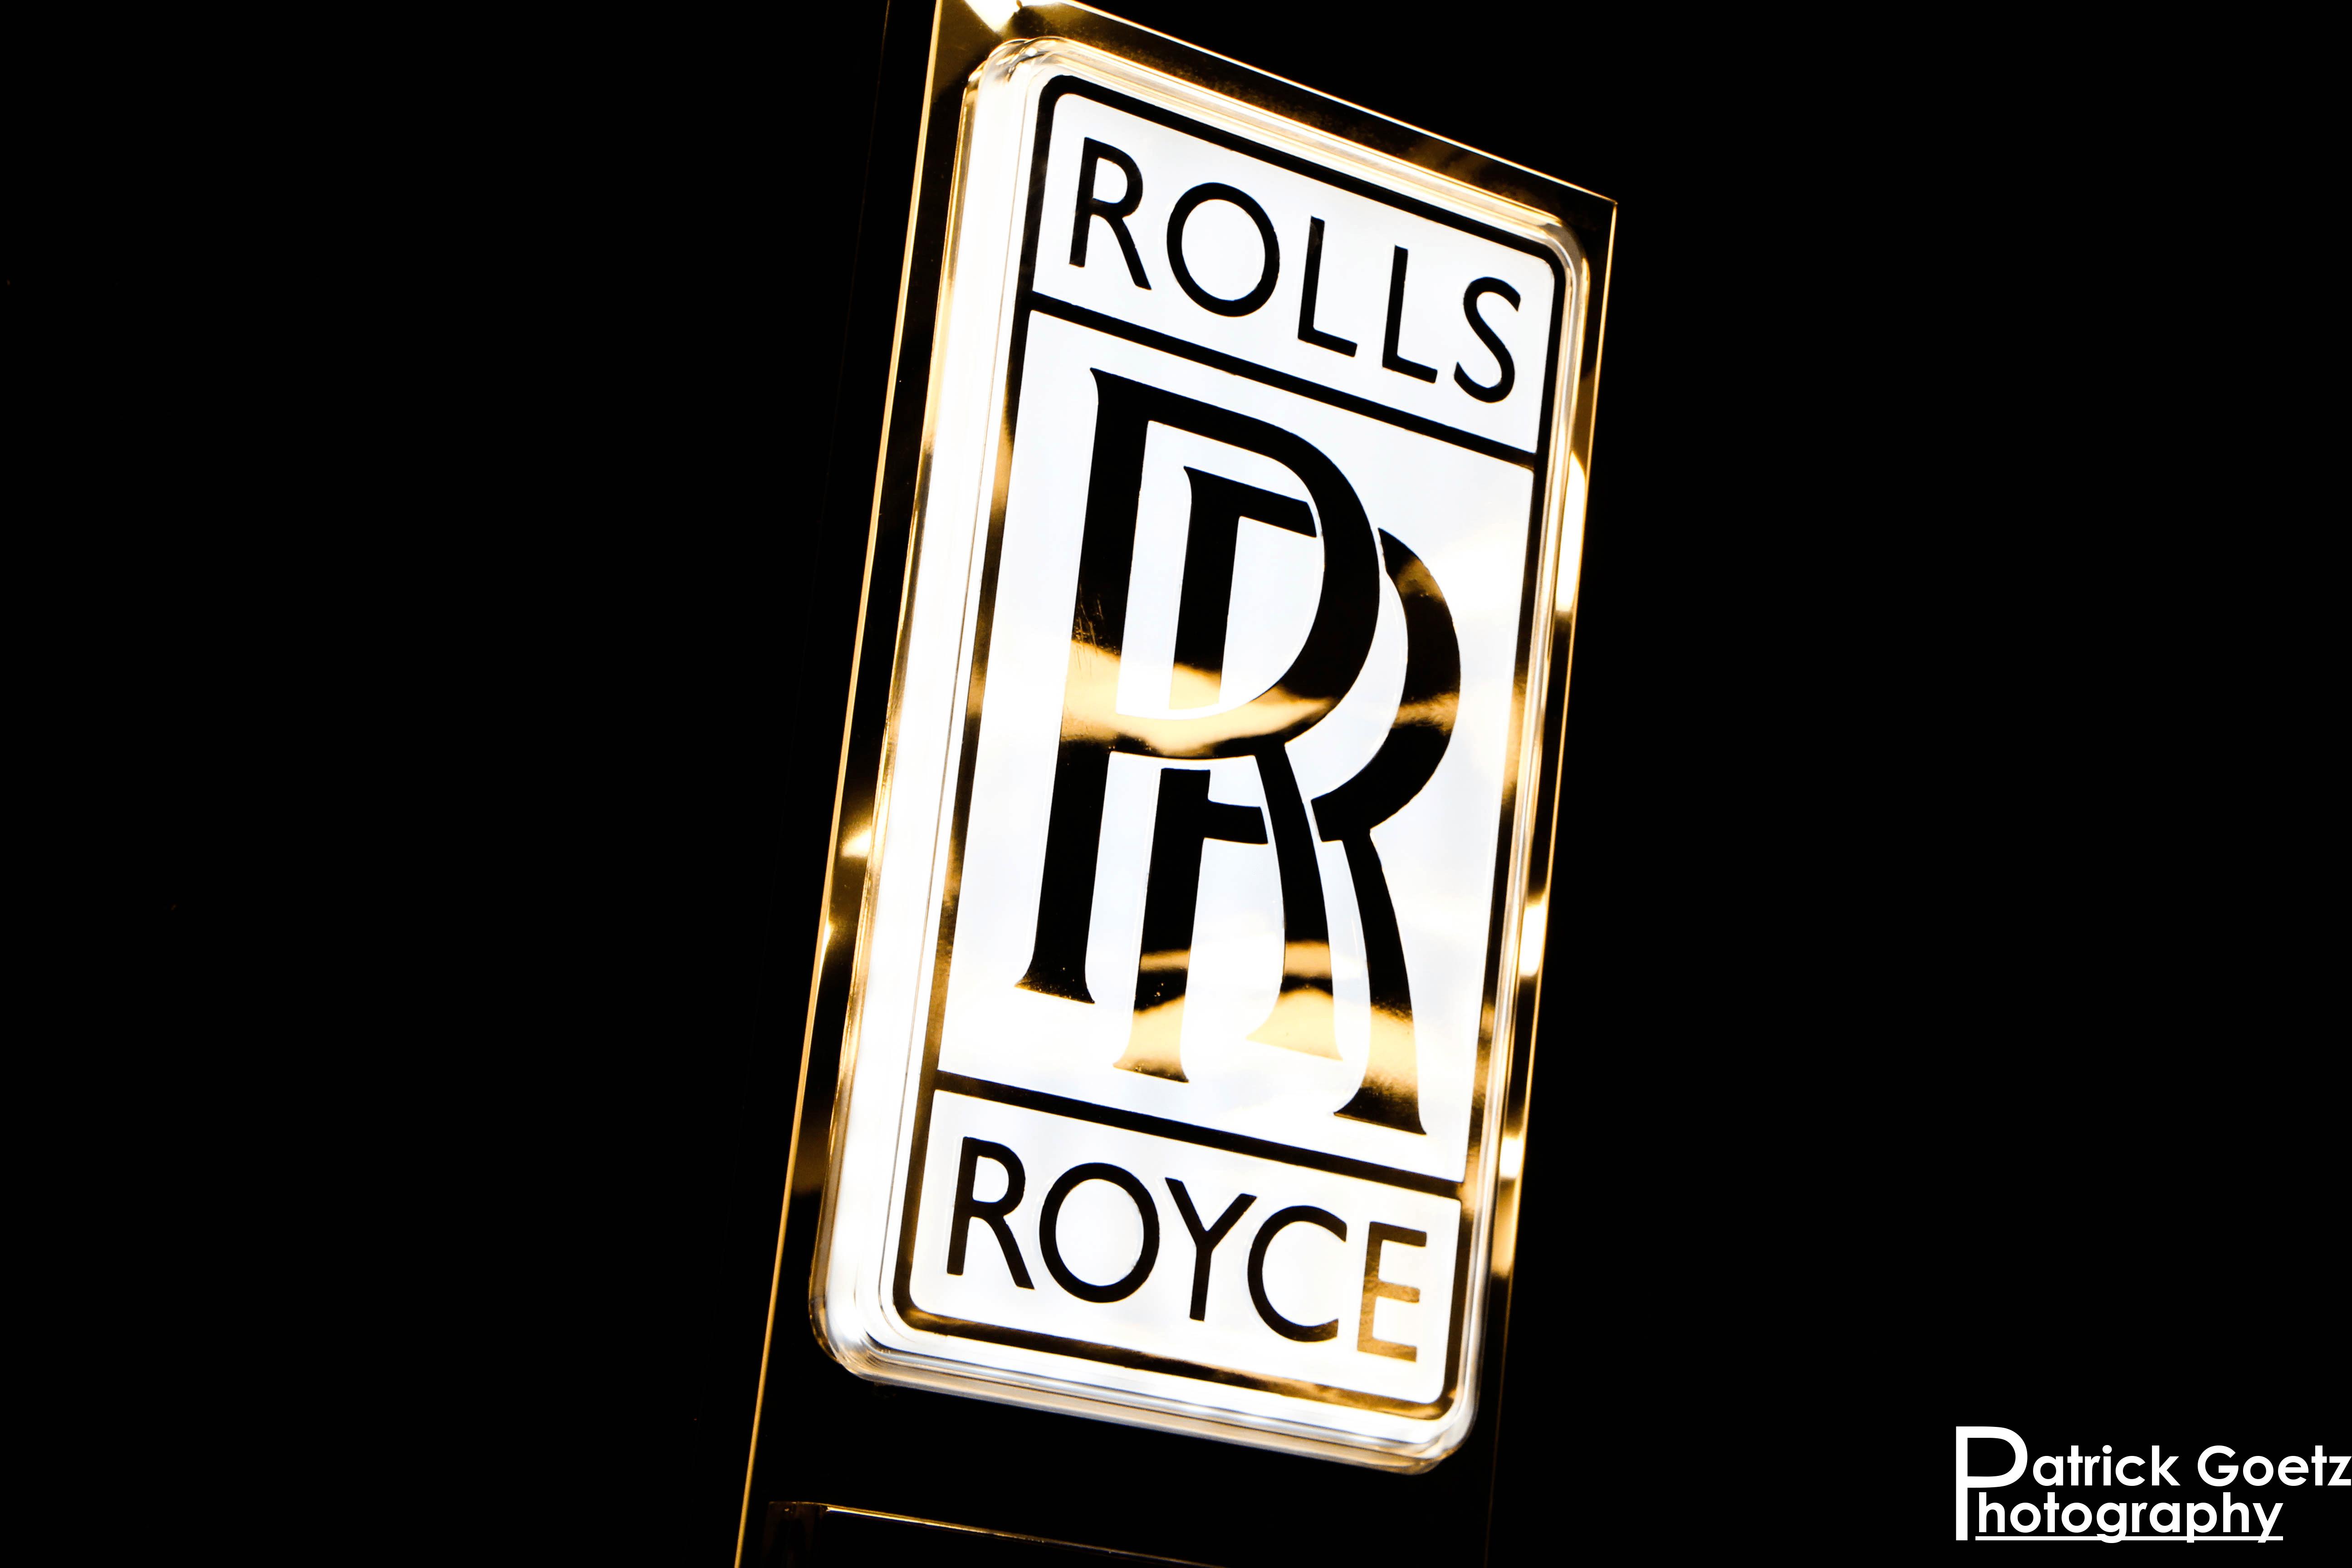 rolls royce logo - HD1920×1080